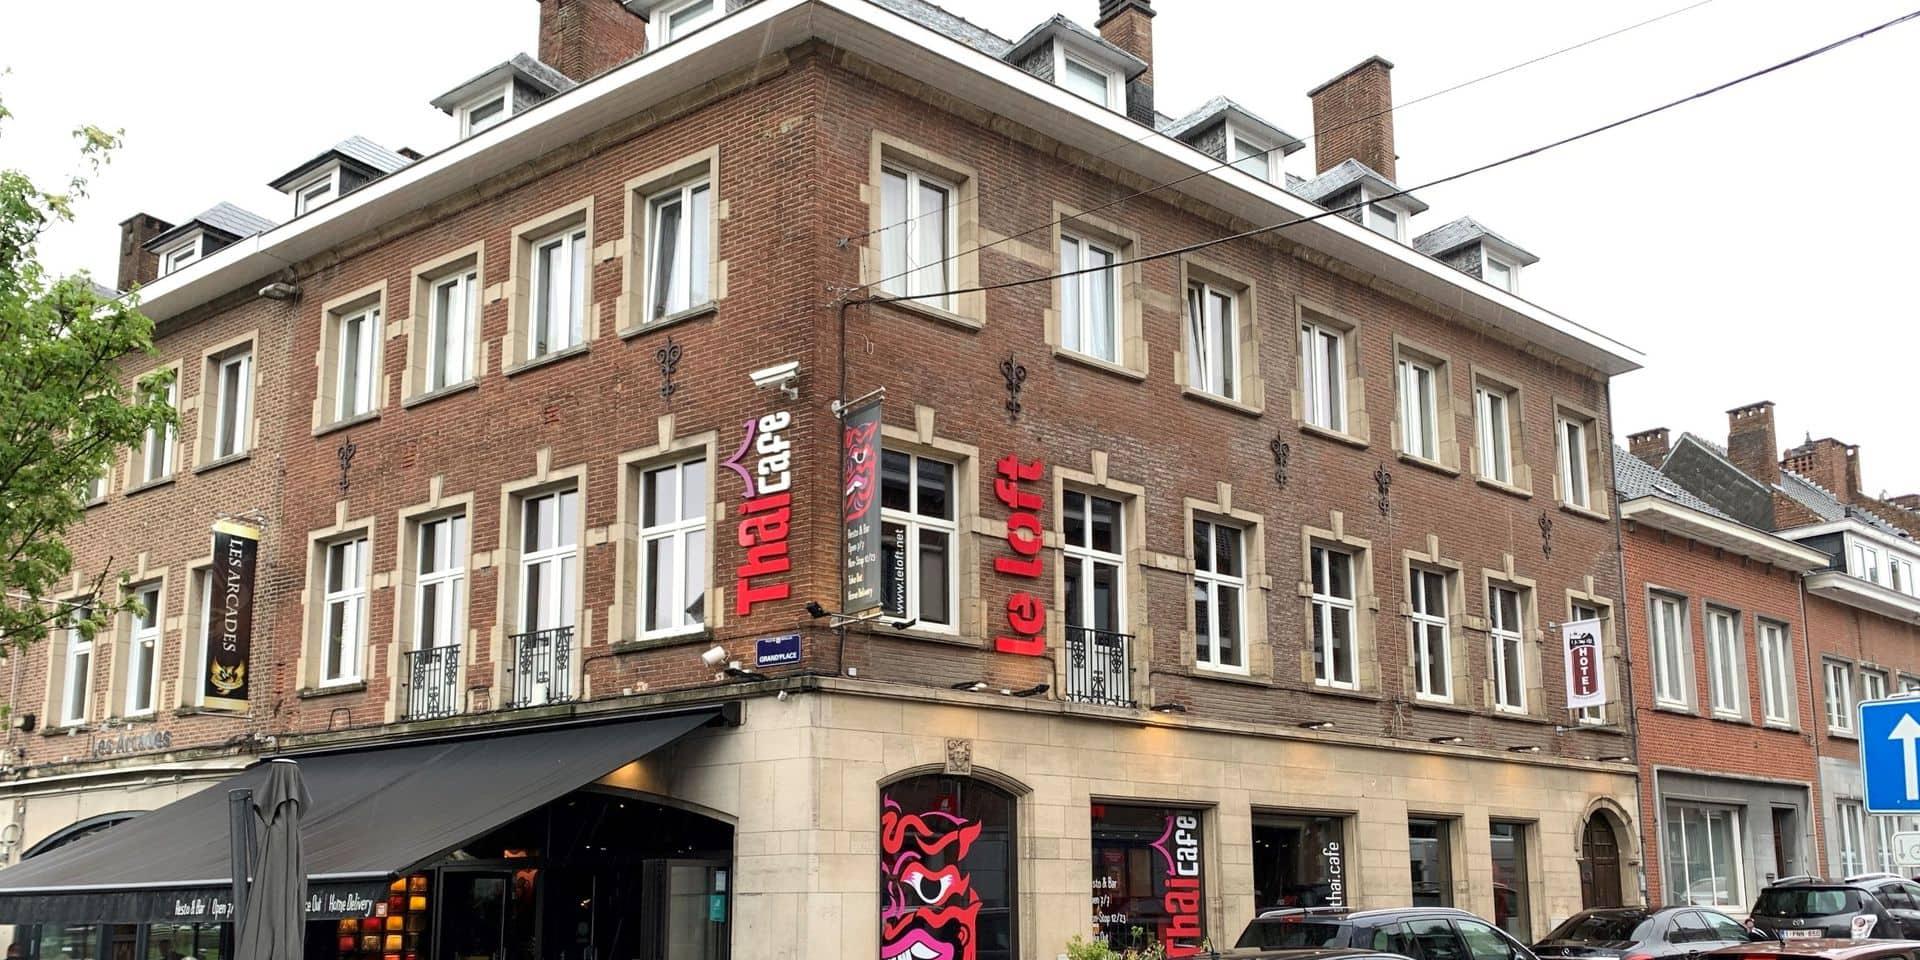 Six chambres d'hôtel sur la Grand-Place de Nivelles